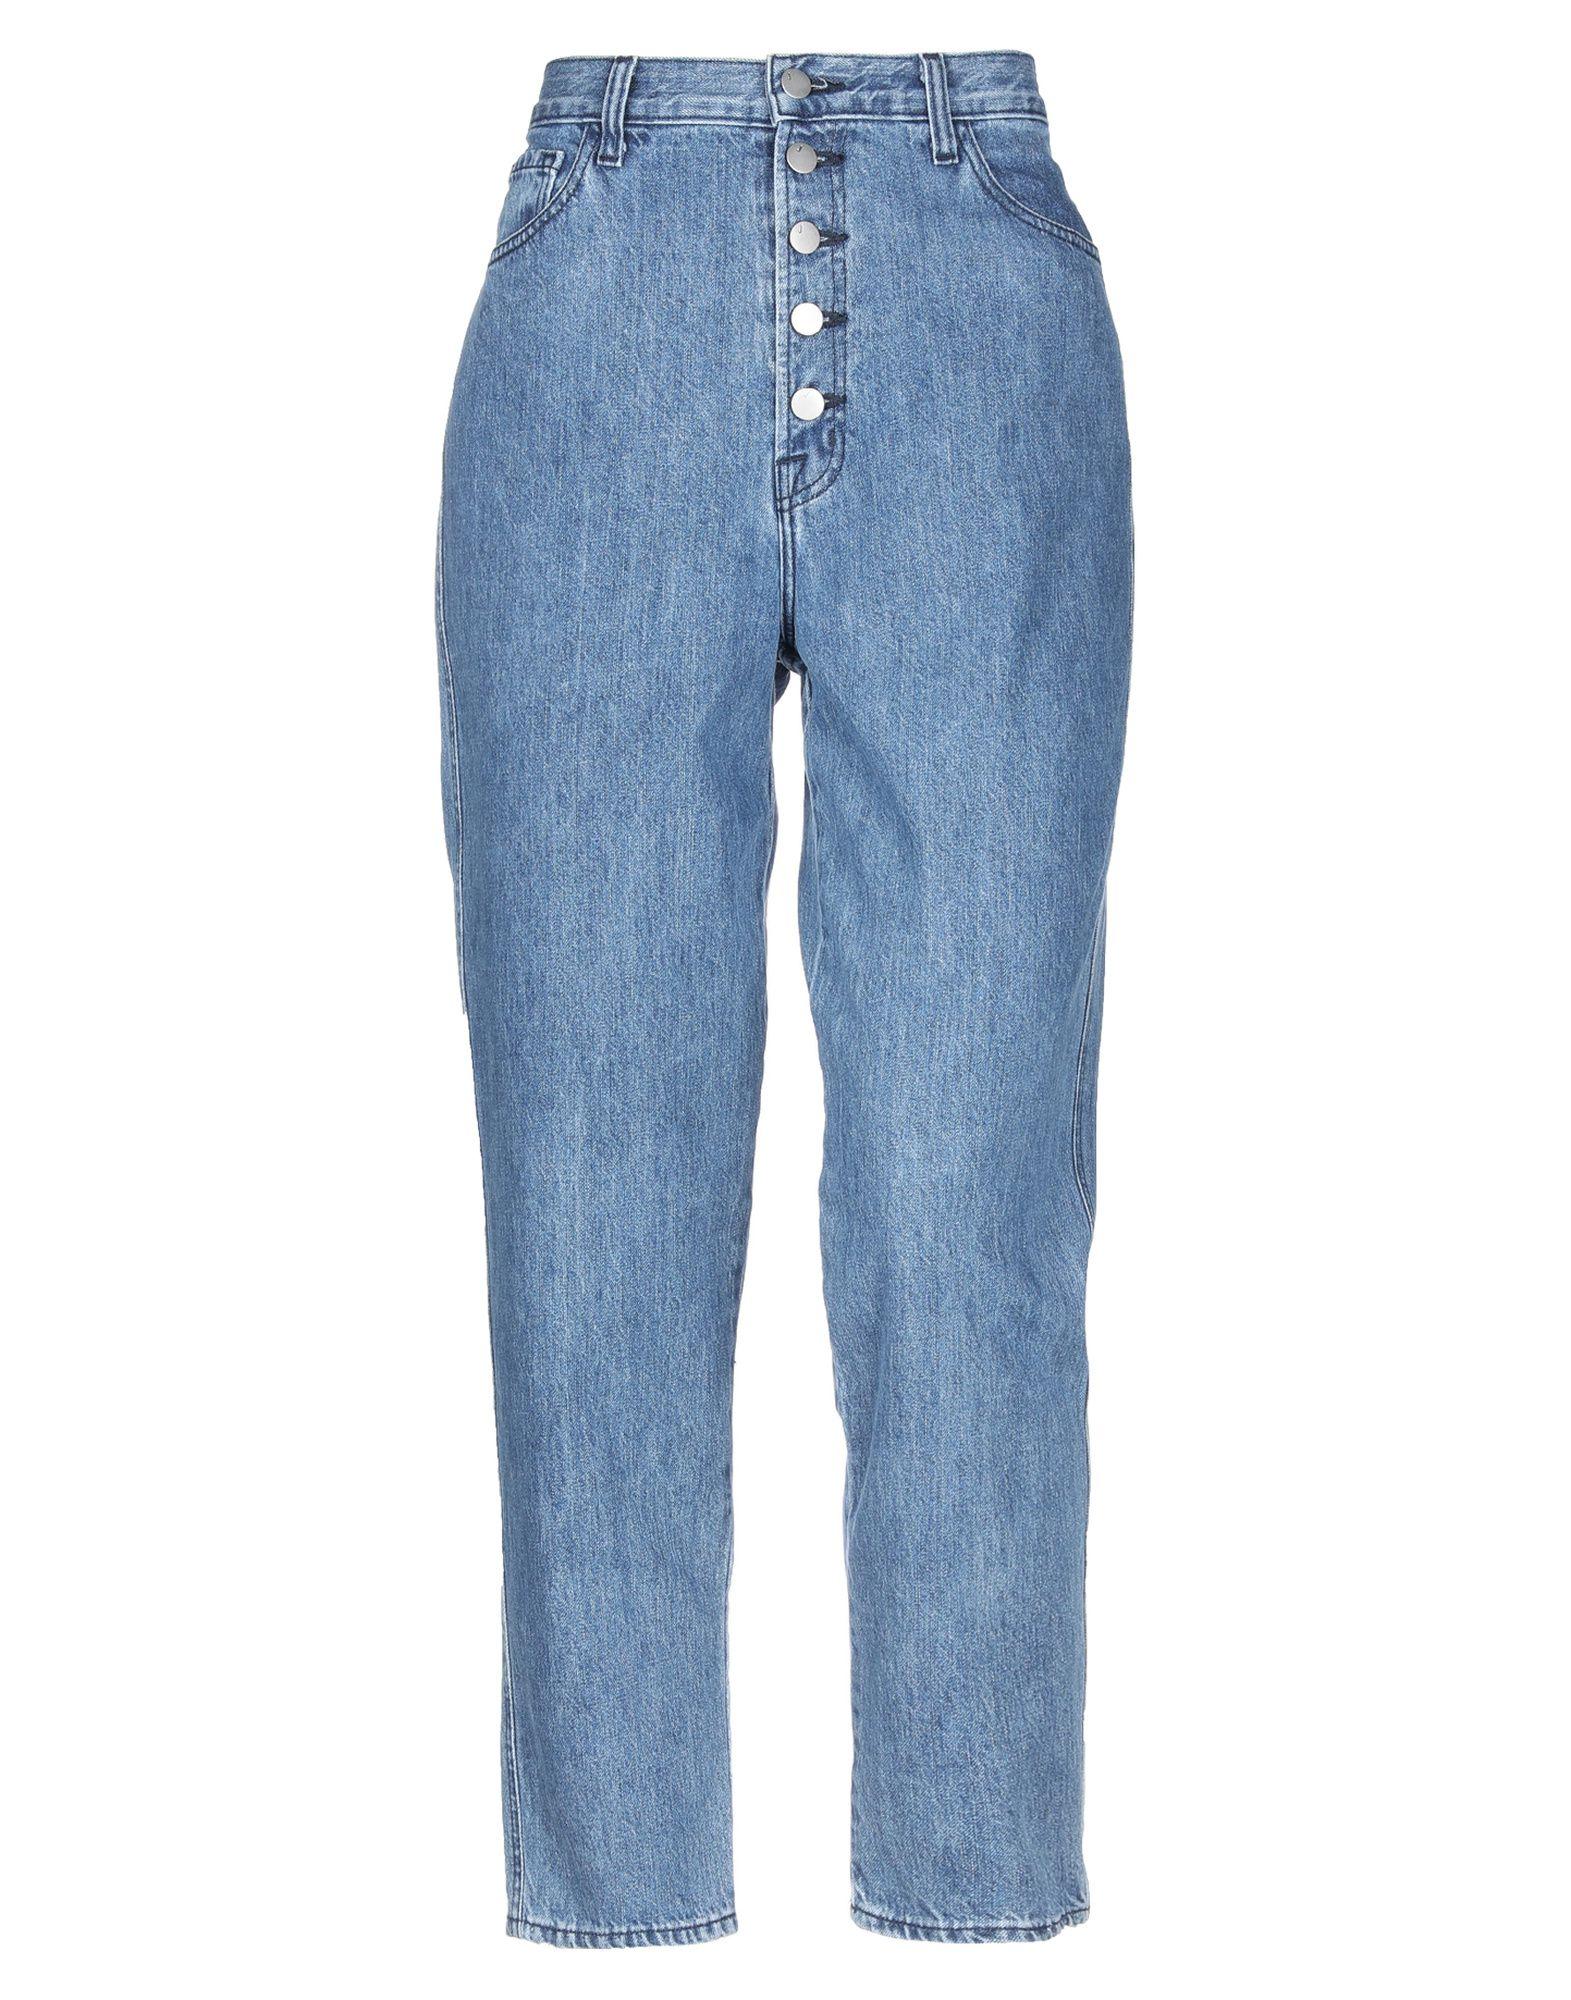 Pantaloni Jeans Jeans J Brand donna - 42748131RX  Marke